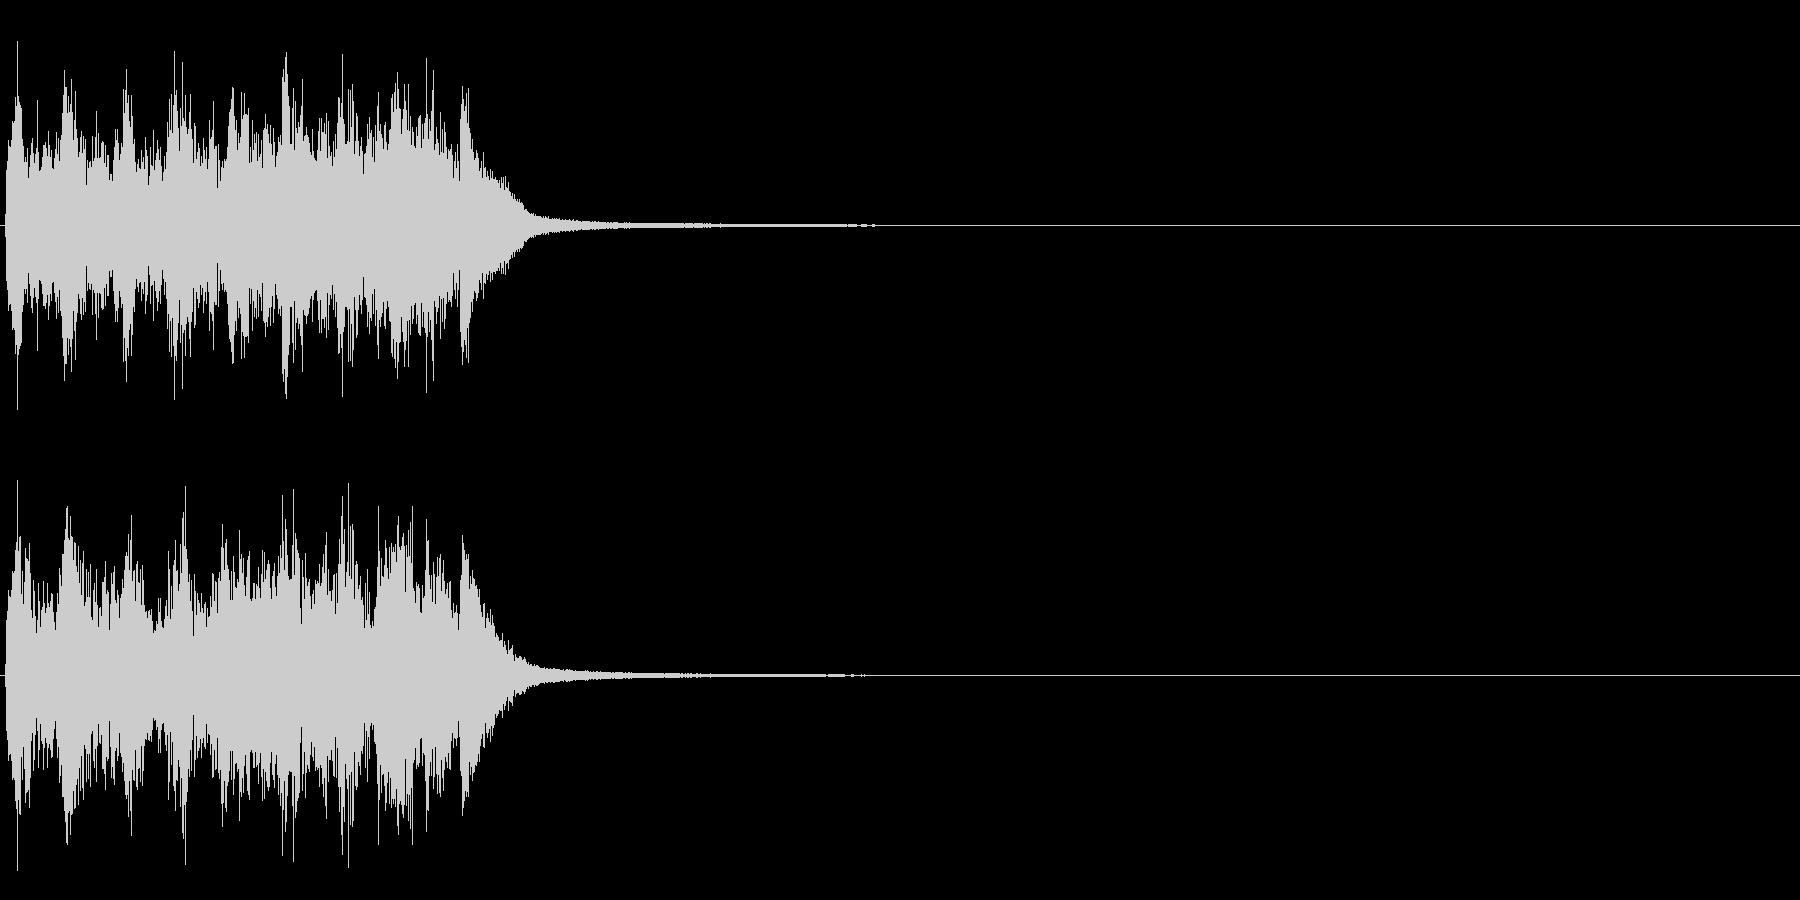 失敗etc  <コミカルな音~チーン>の未再生の波形